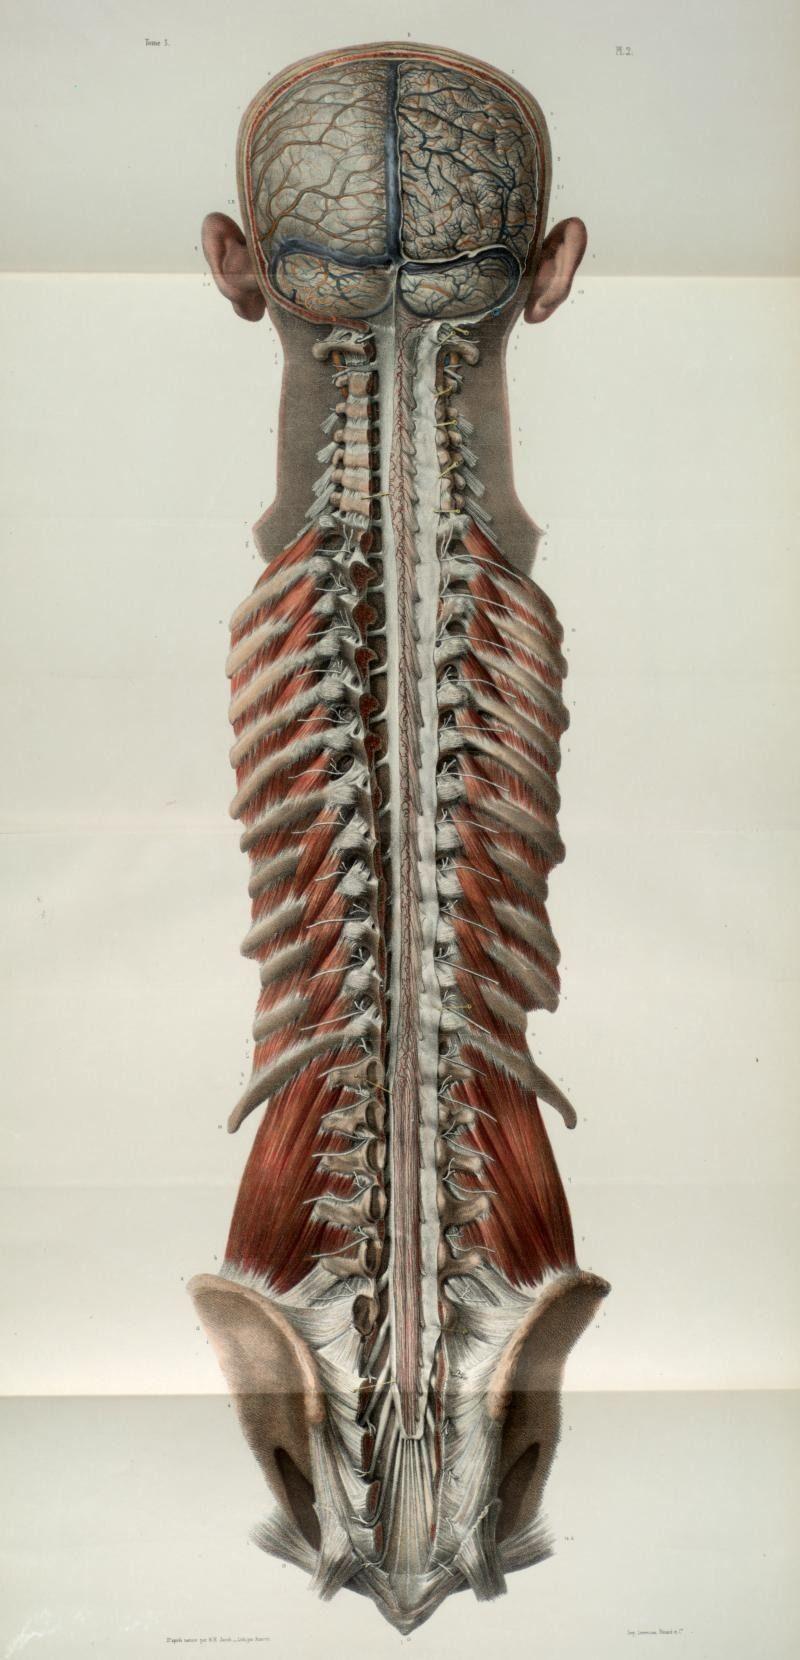 Pin de Germán en Anatomía | Pinterest | Anatomía, Anatomía humana y ...